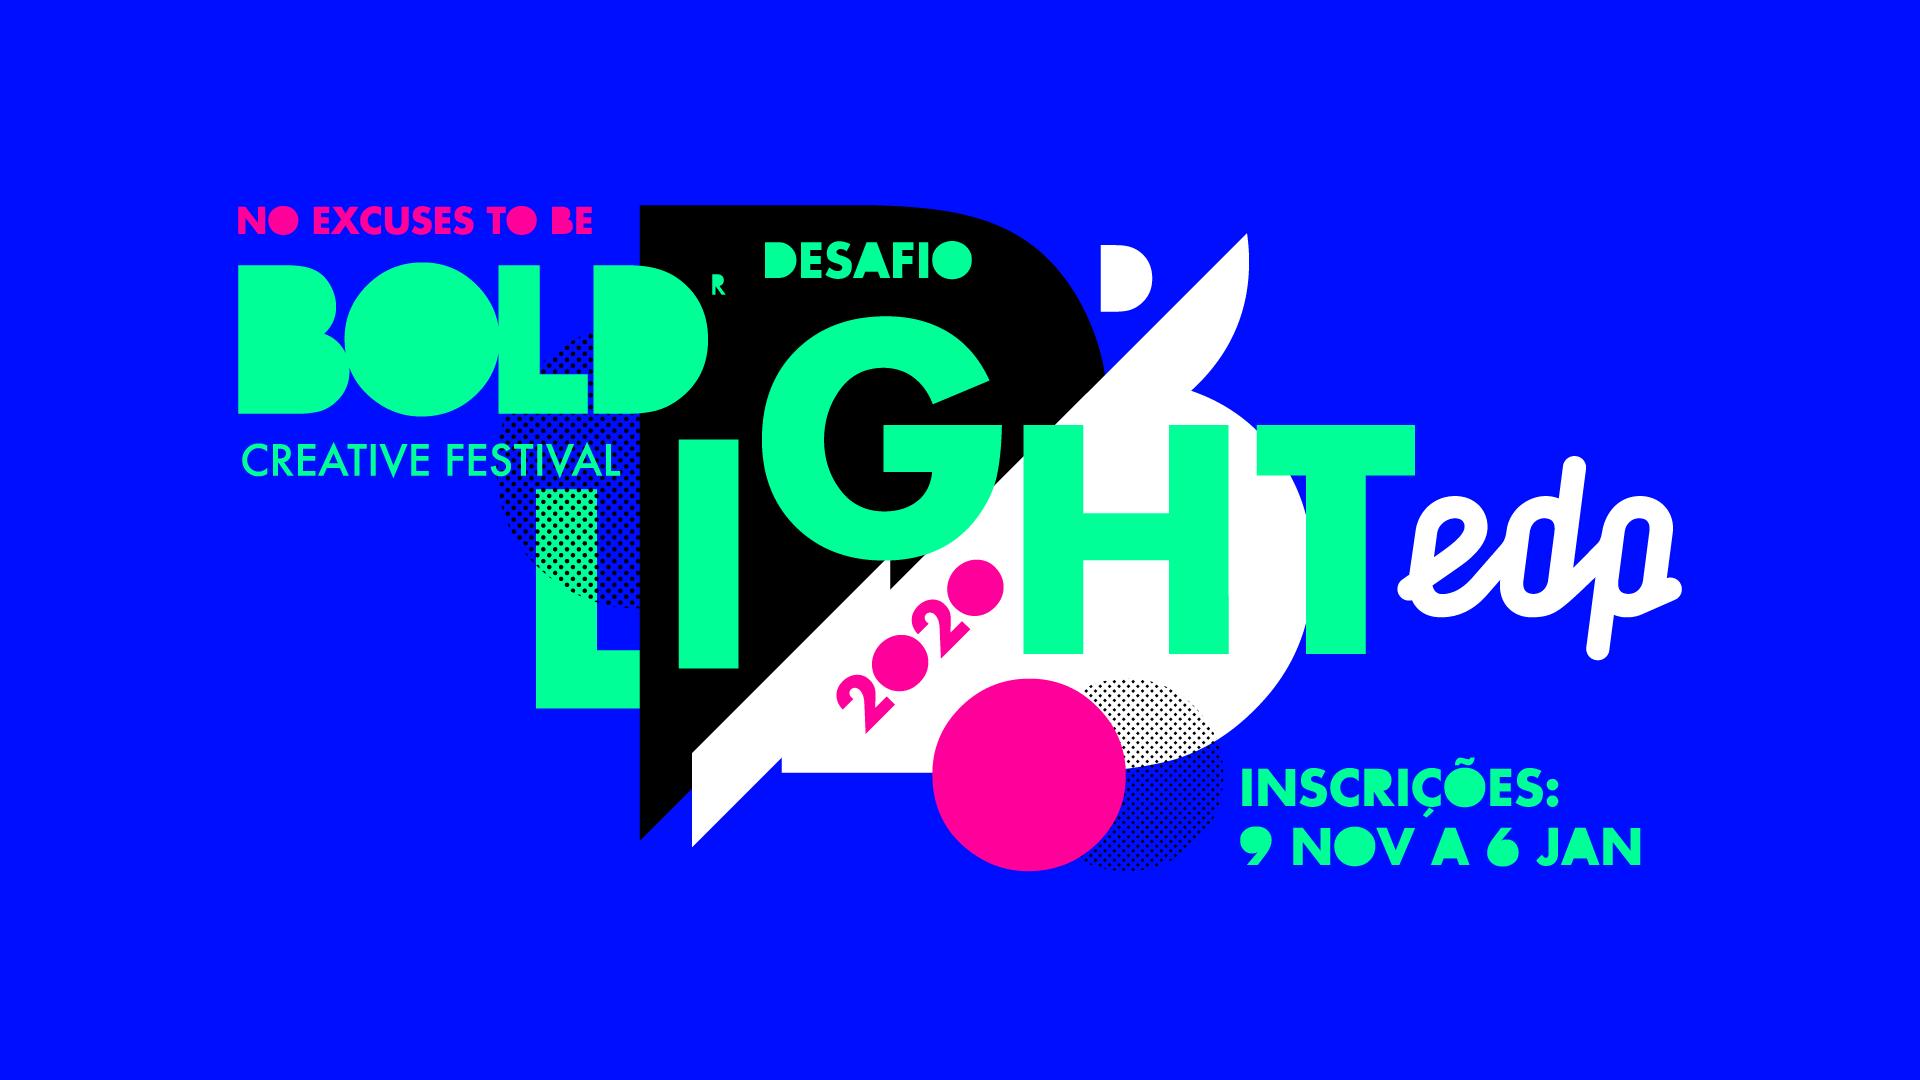 header_desafio_lightl-01